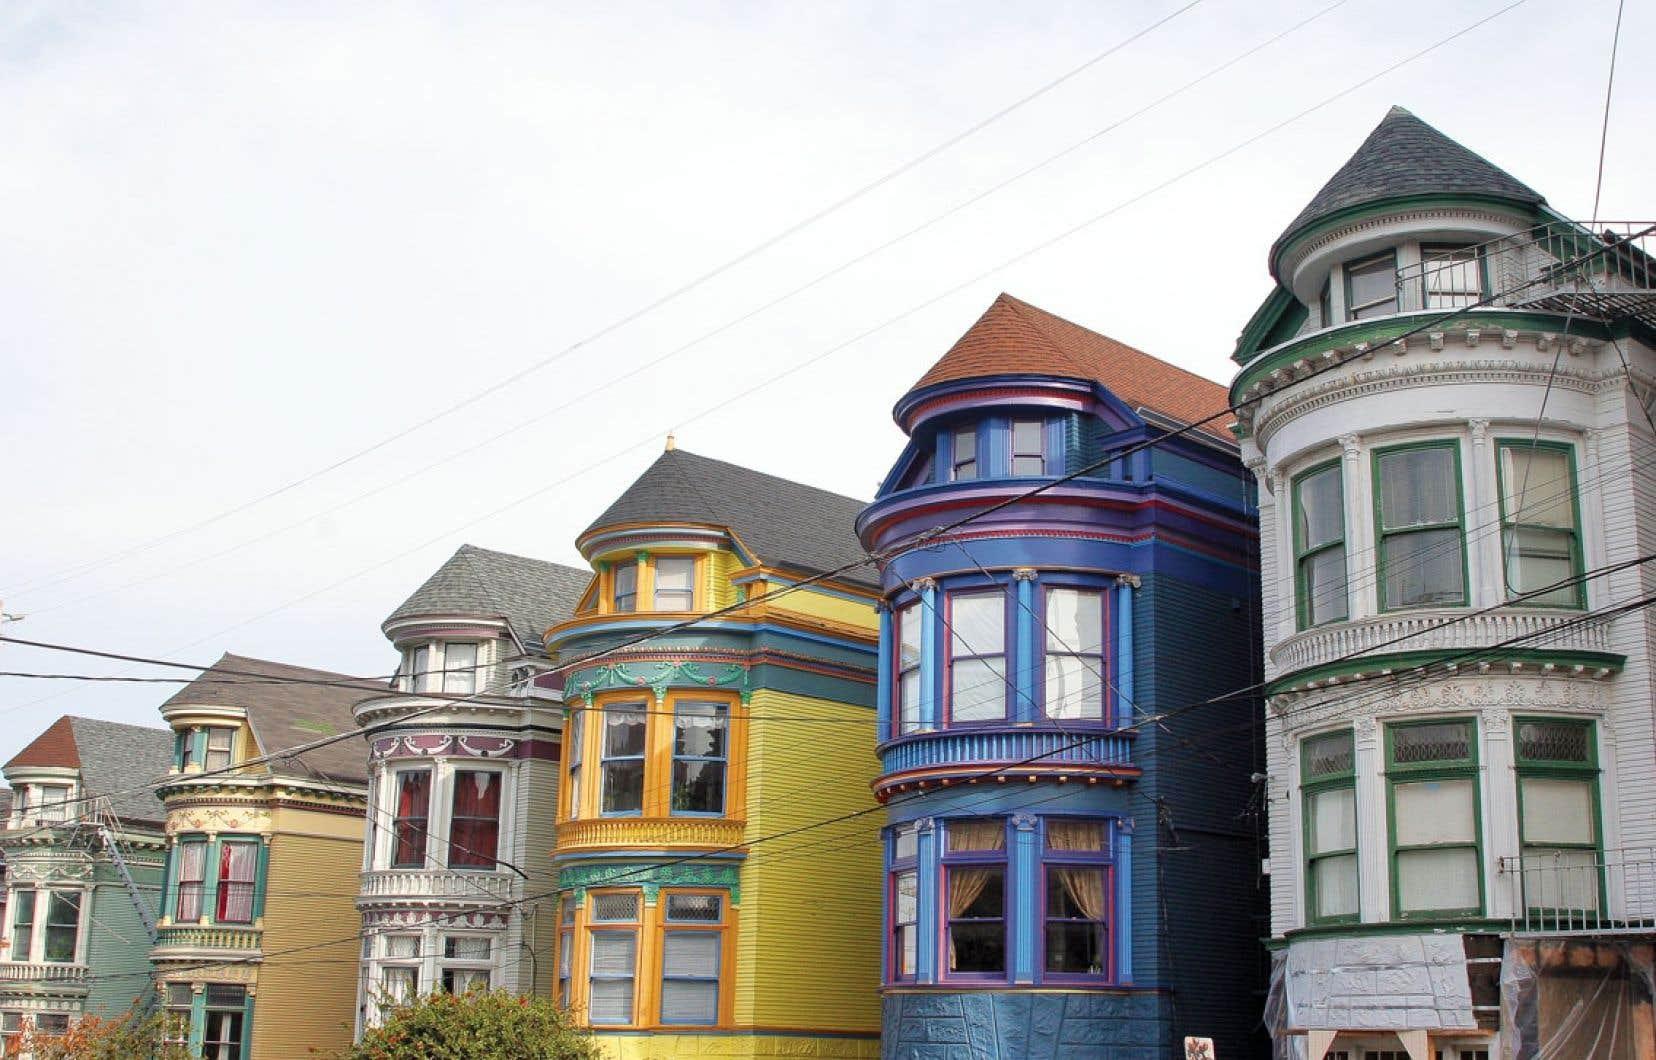 Un exemple d'architecture typique de San Francisco, en Californie.